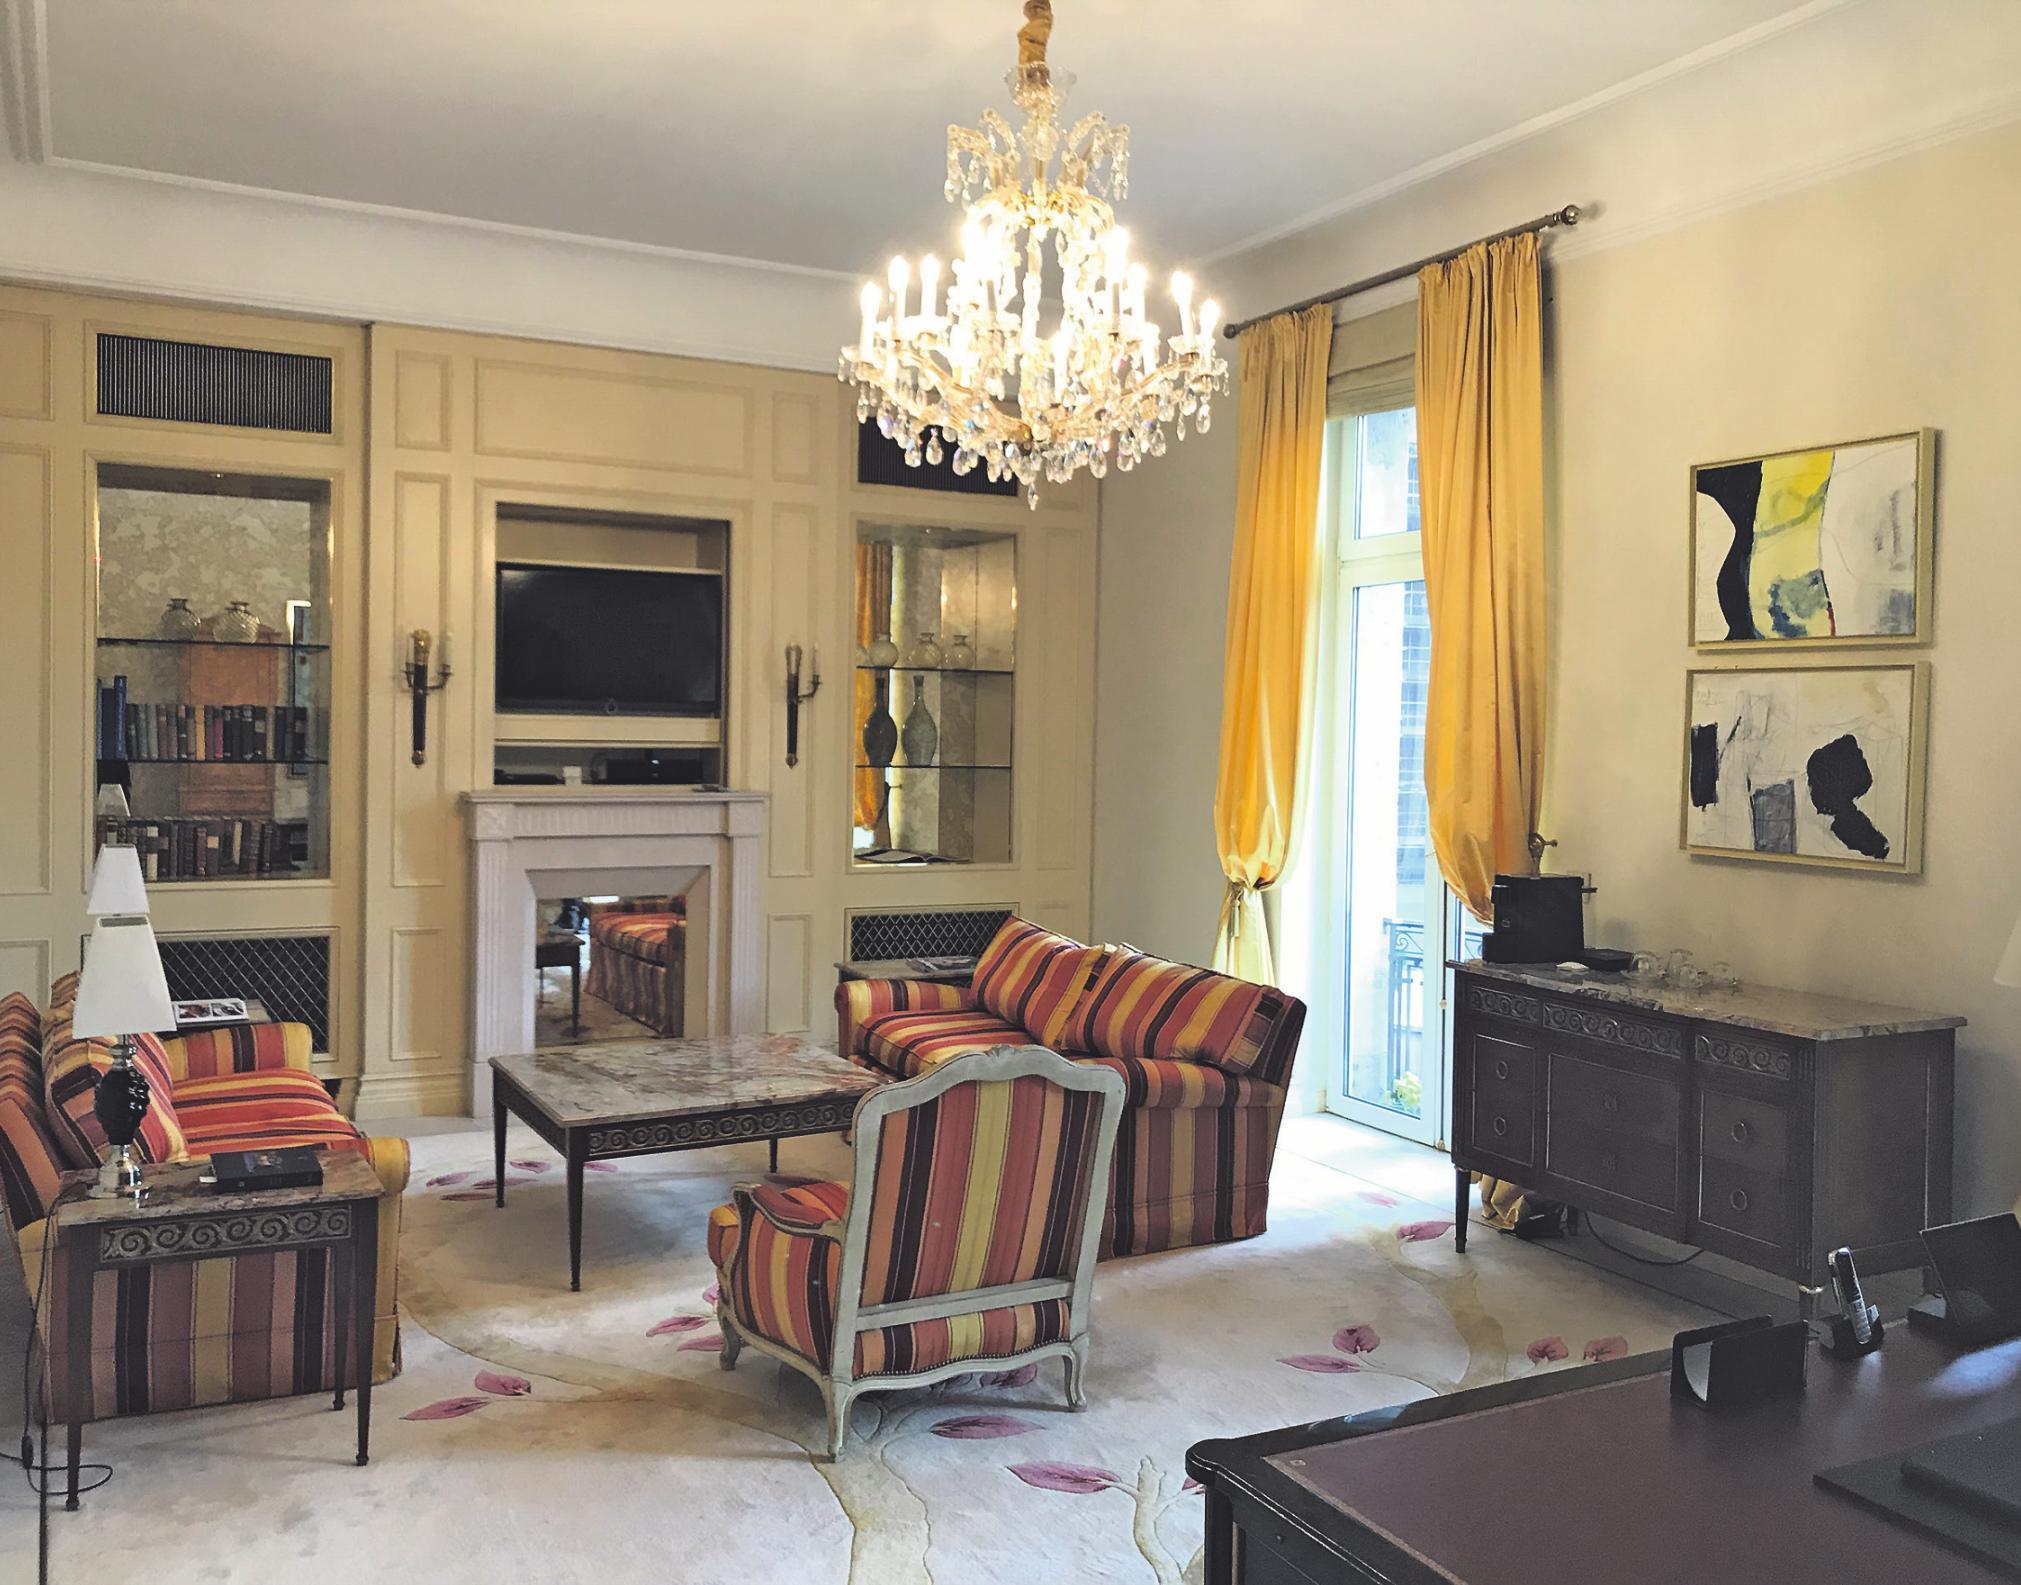 Express-Besuch im teuersten Hotelzimmer der Stadt Image 2